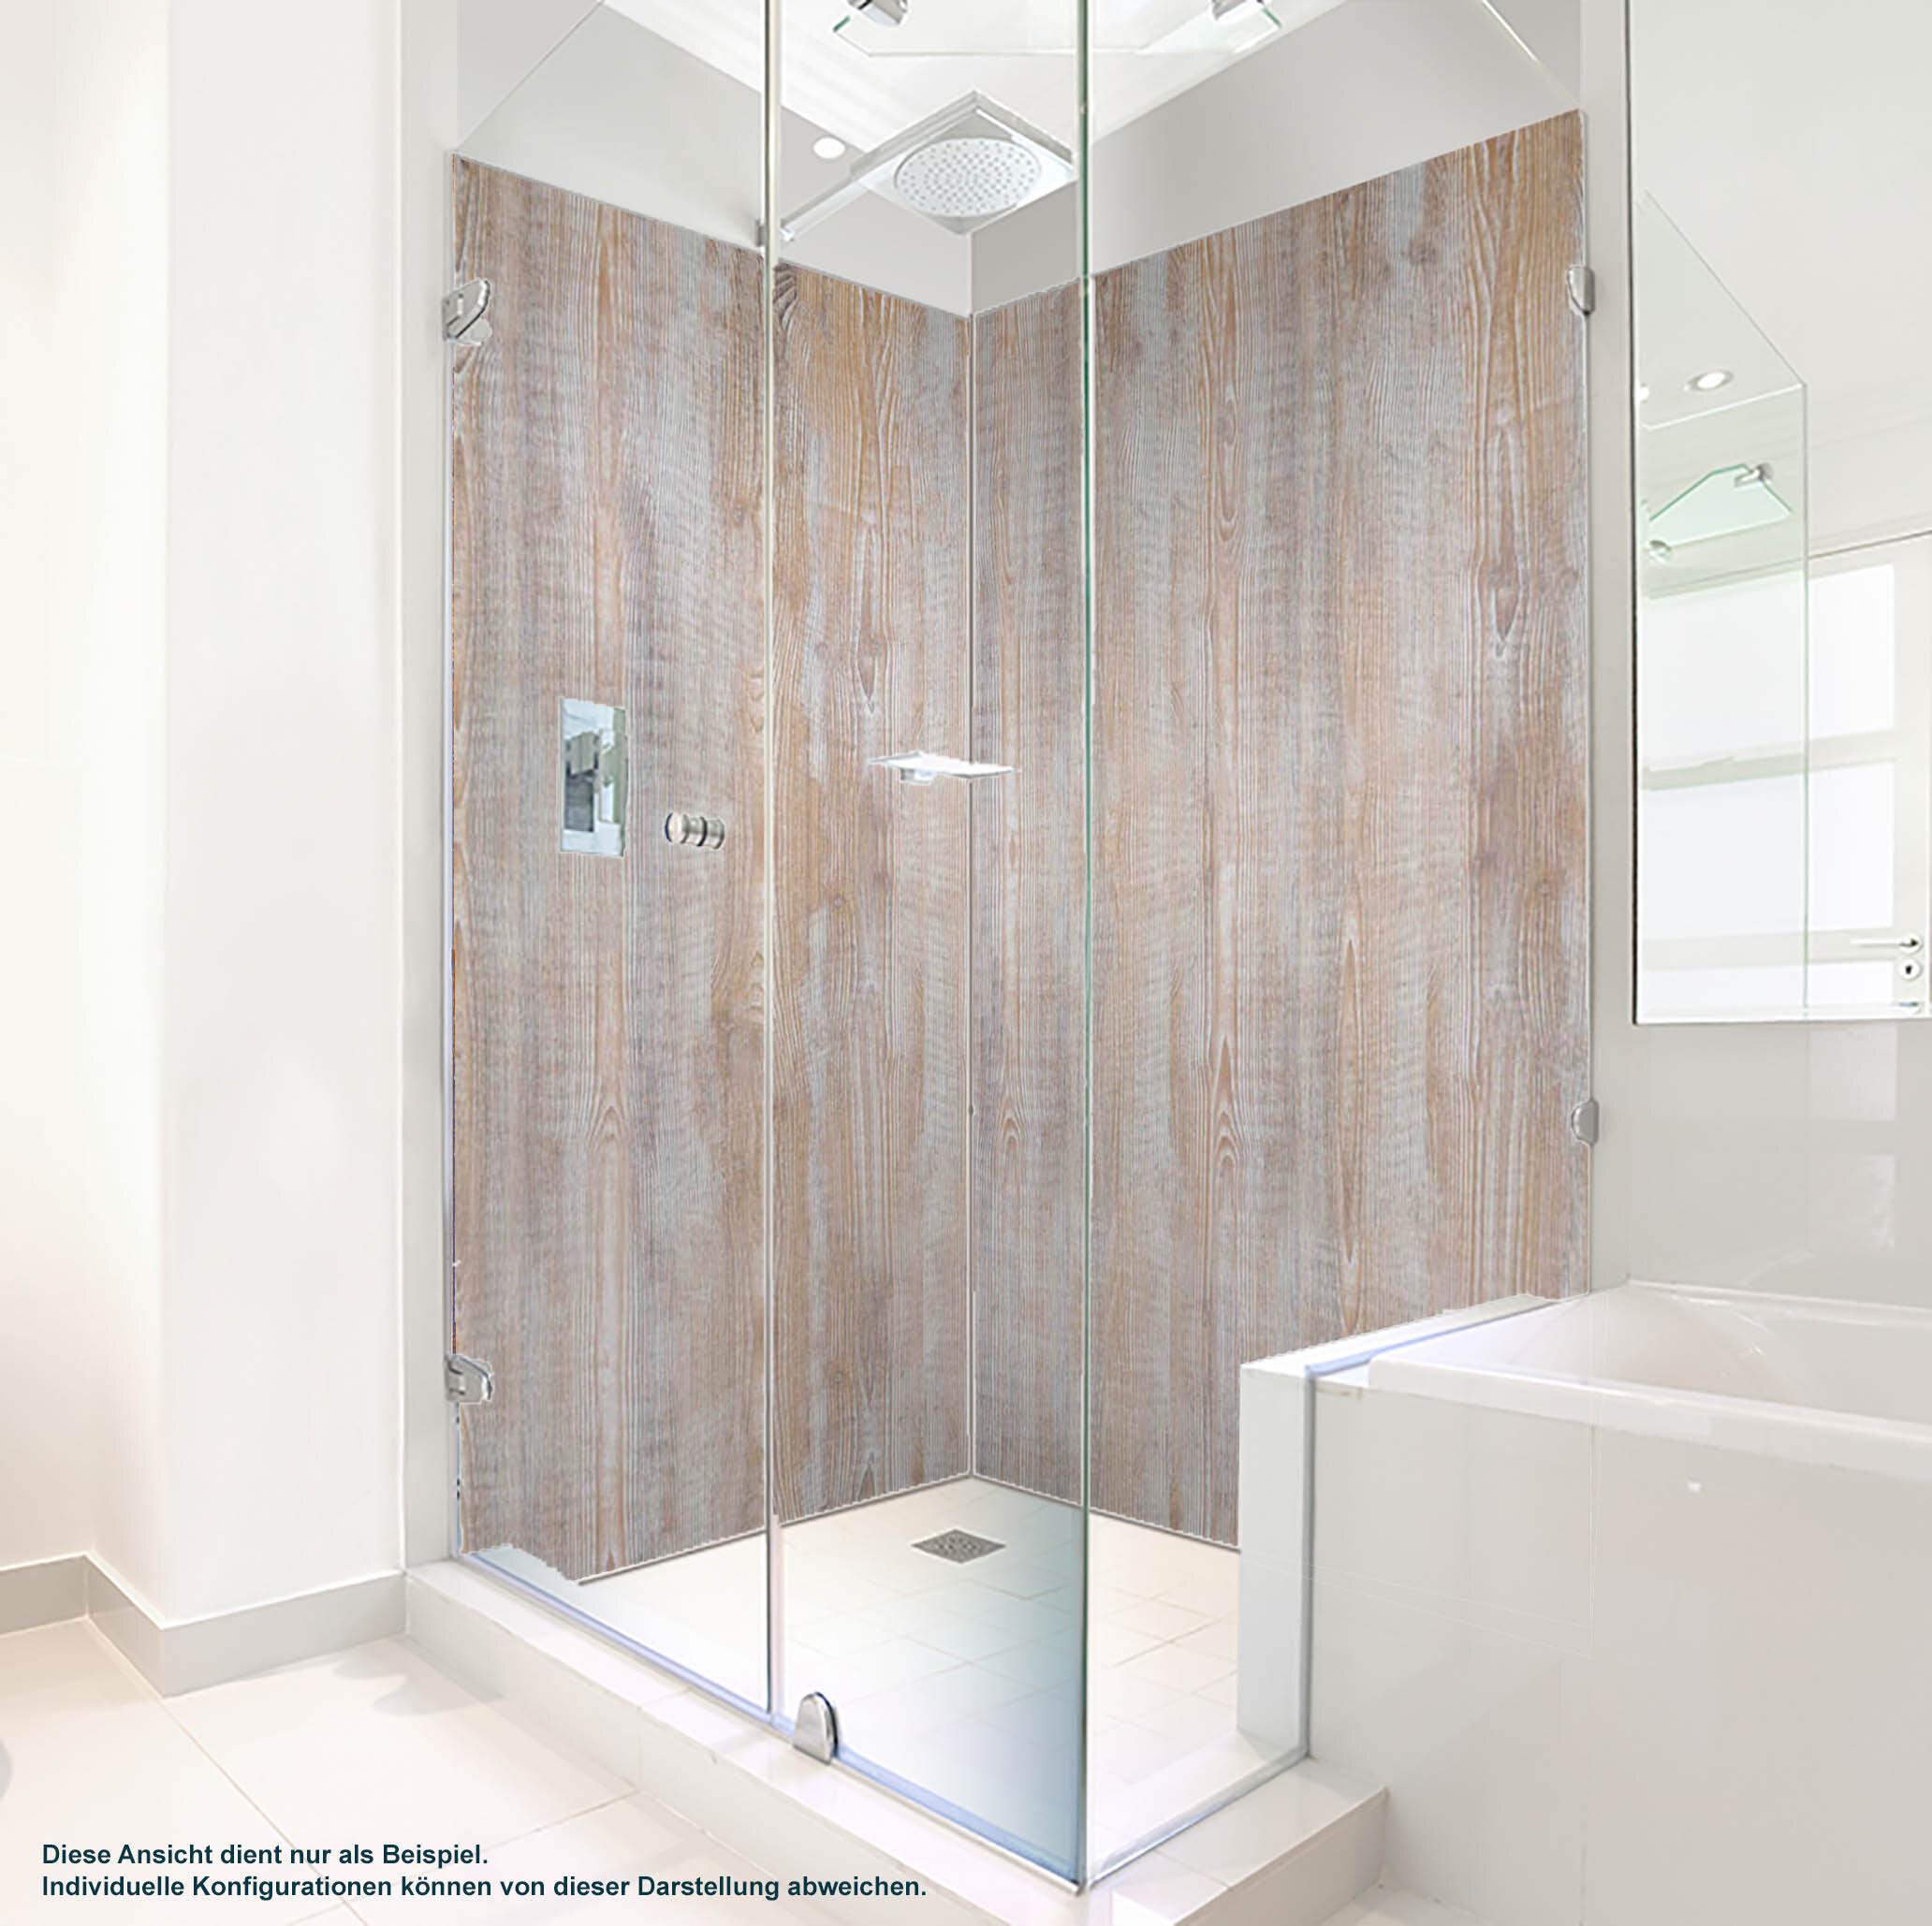 Dusche PlateART Duschrückwand mit Motiv Holzoptik Altholz